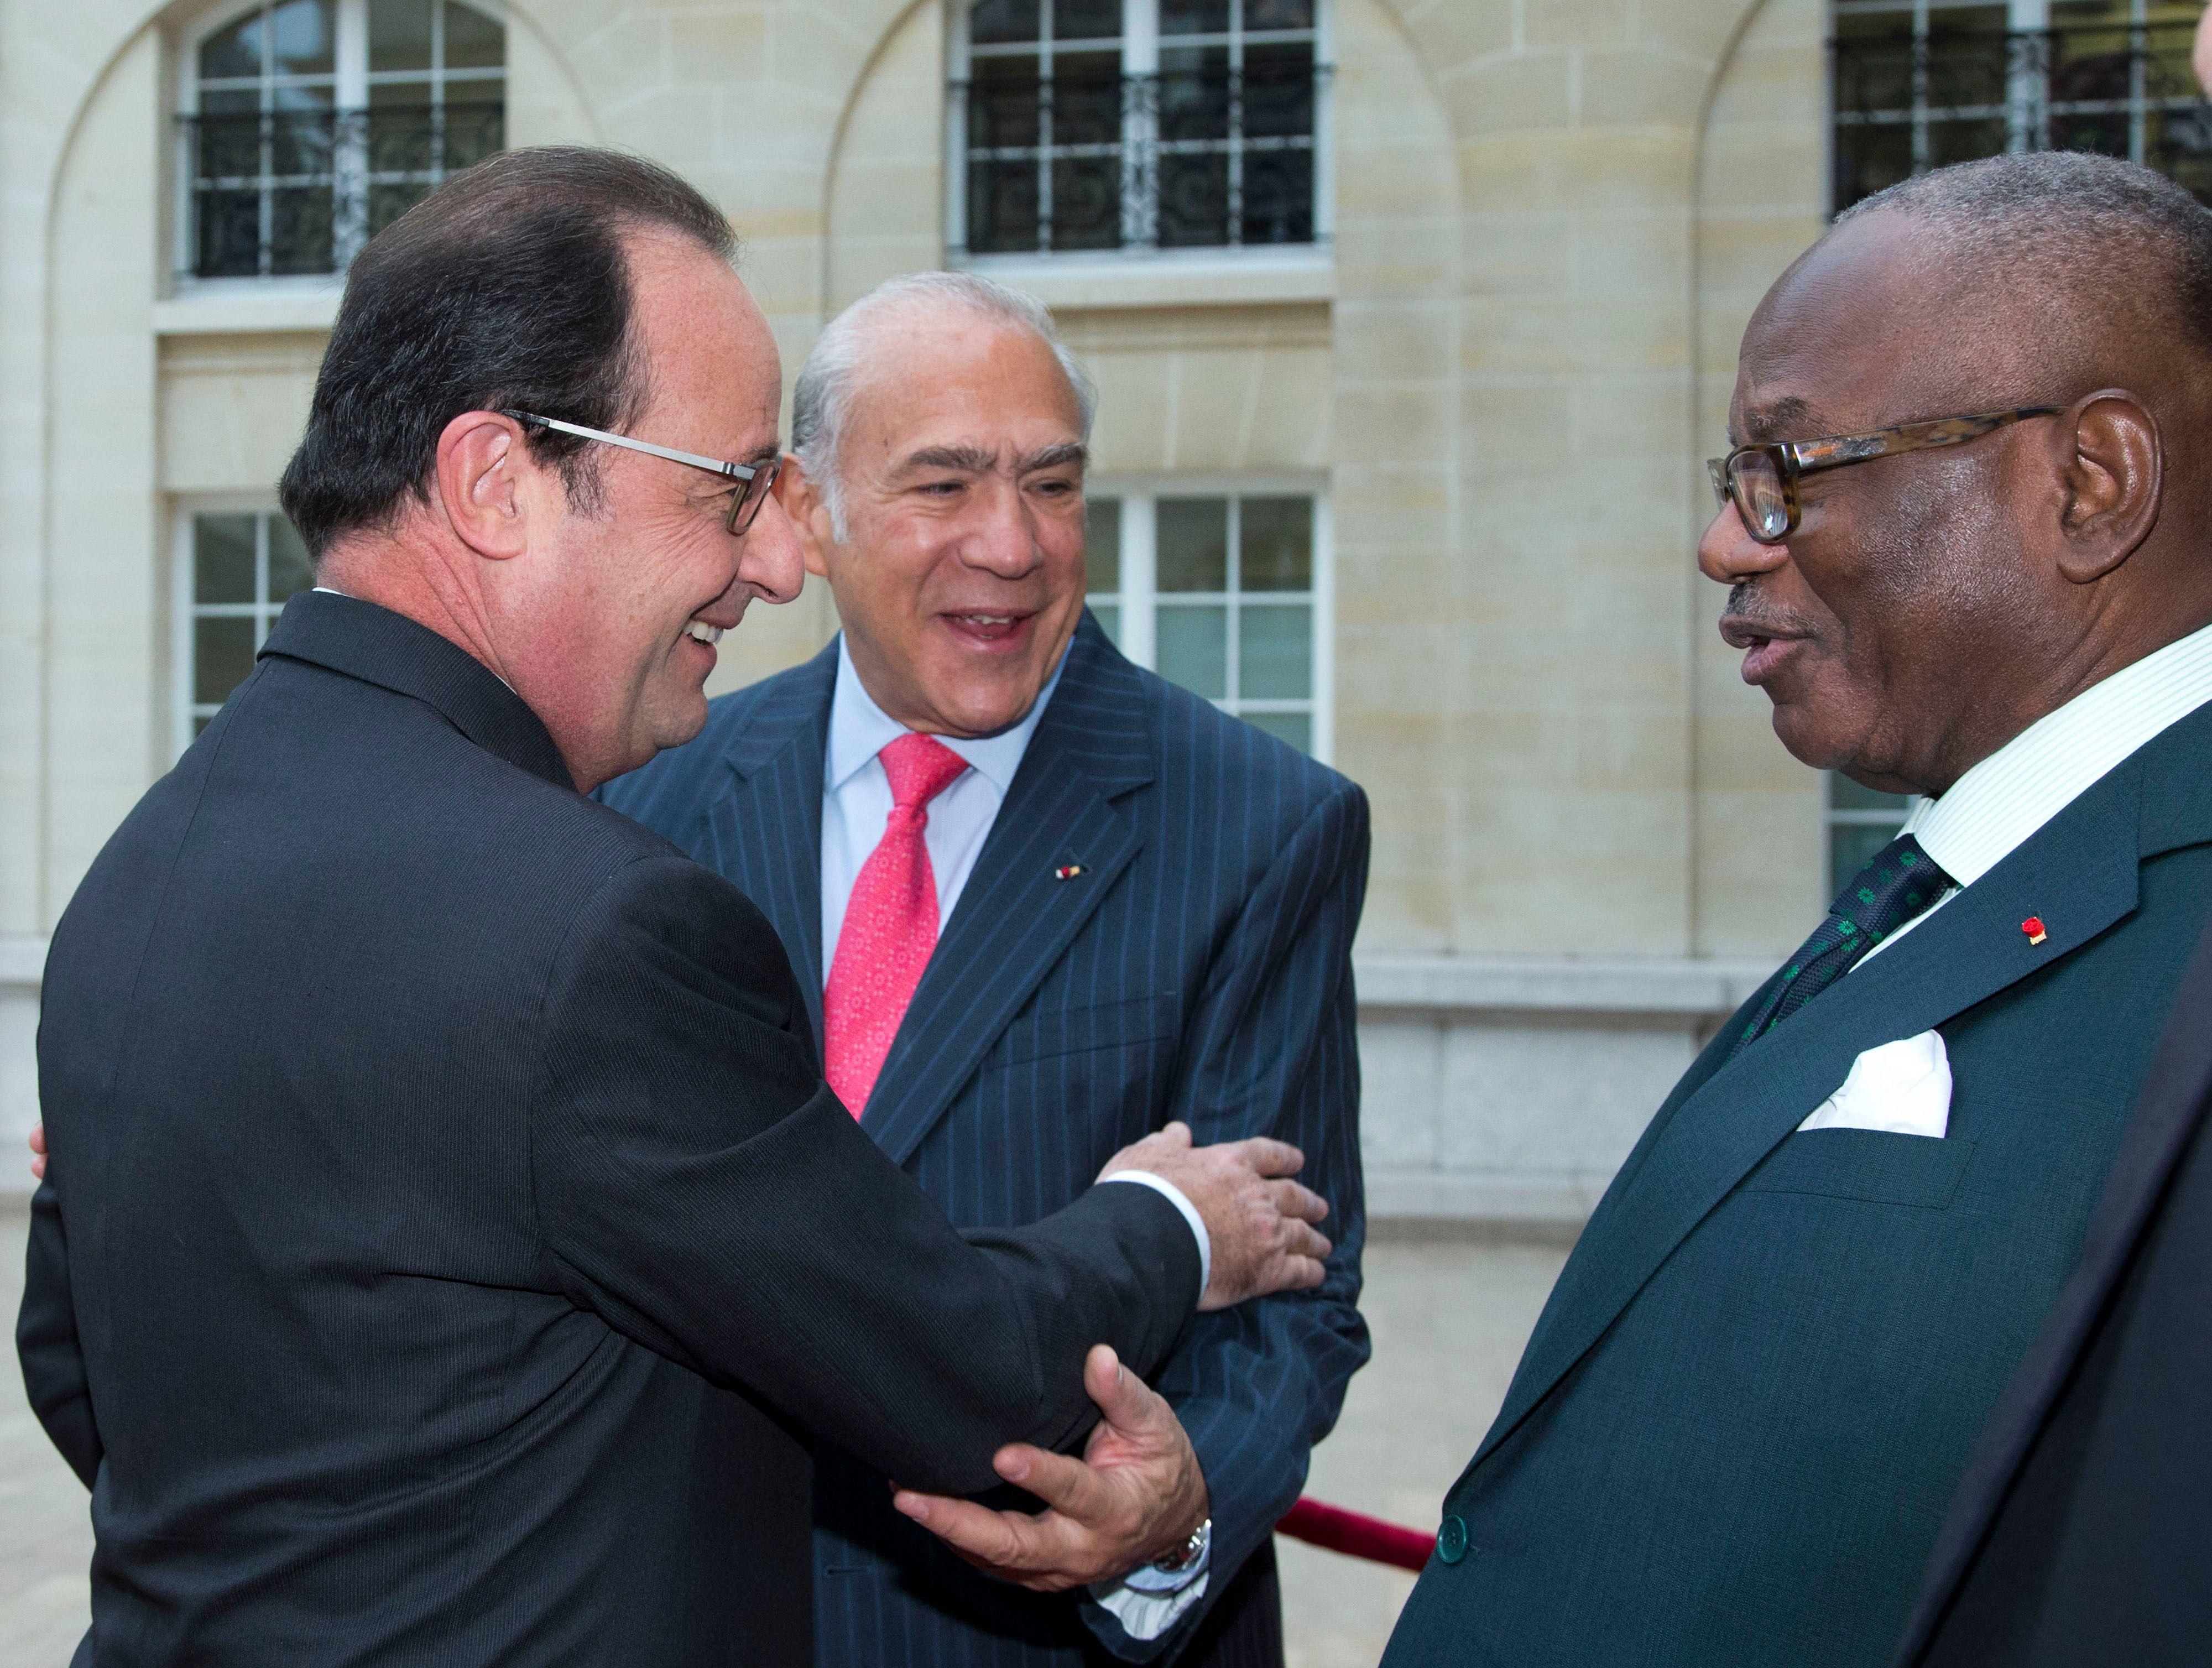 François Hollande reçu par le Président malien.